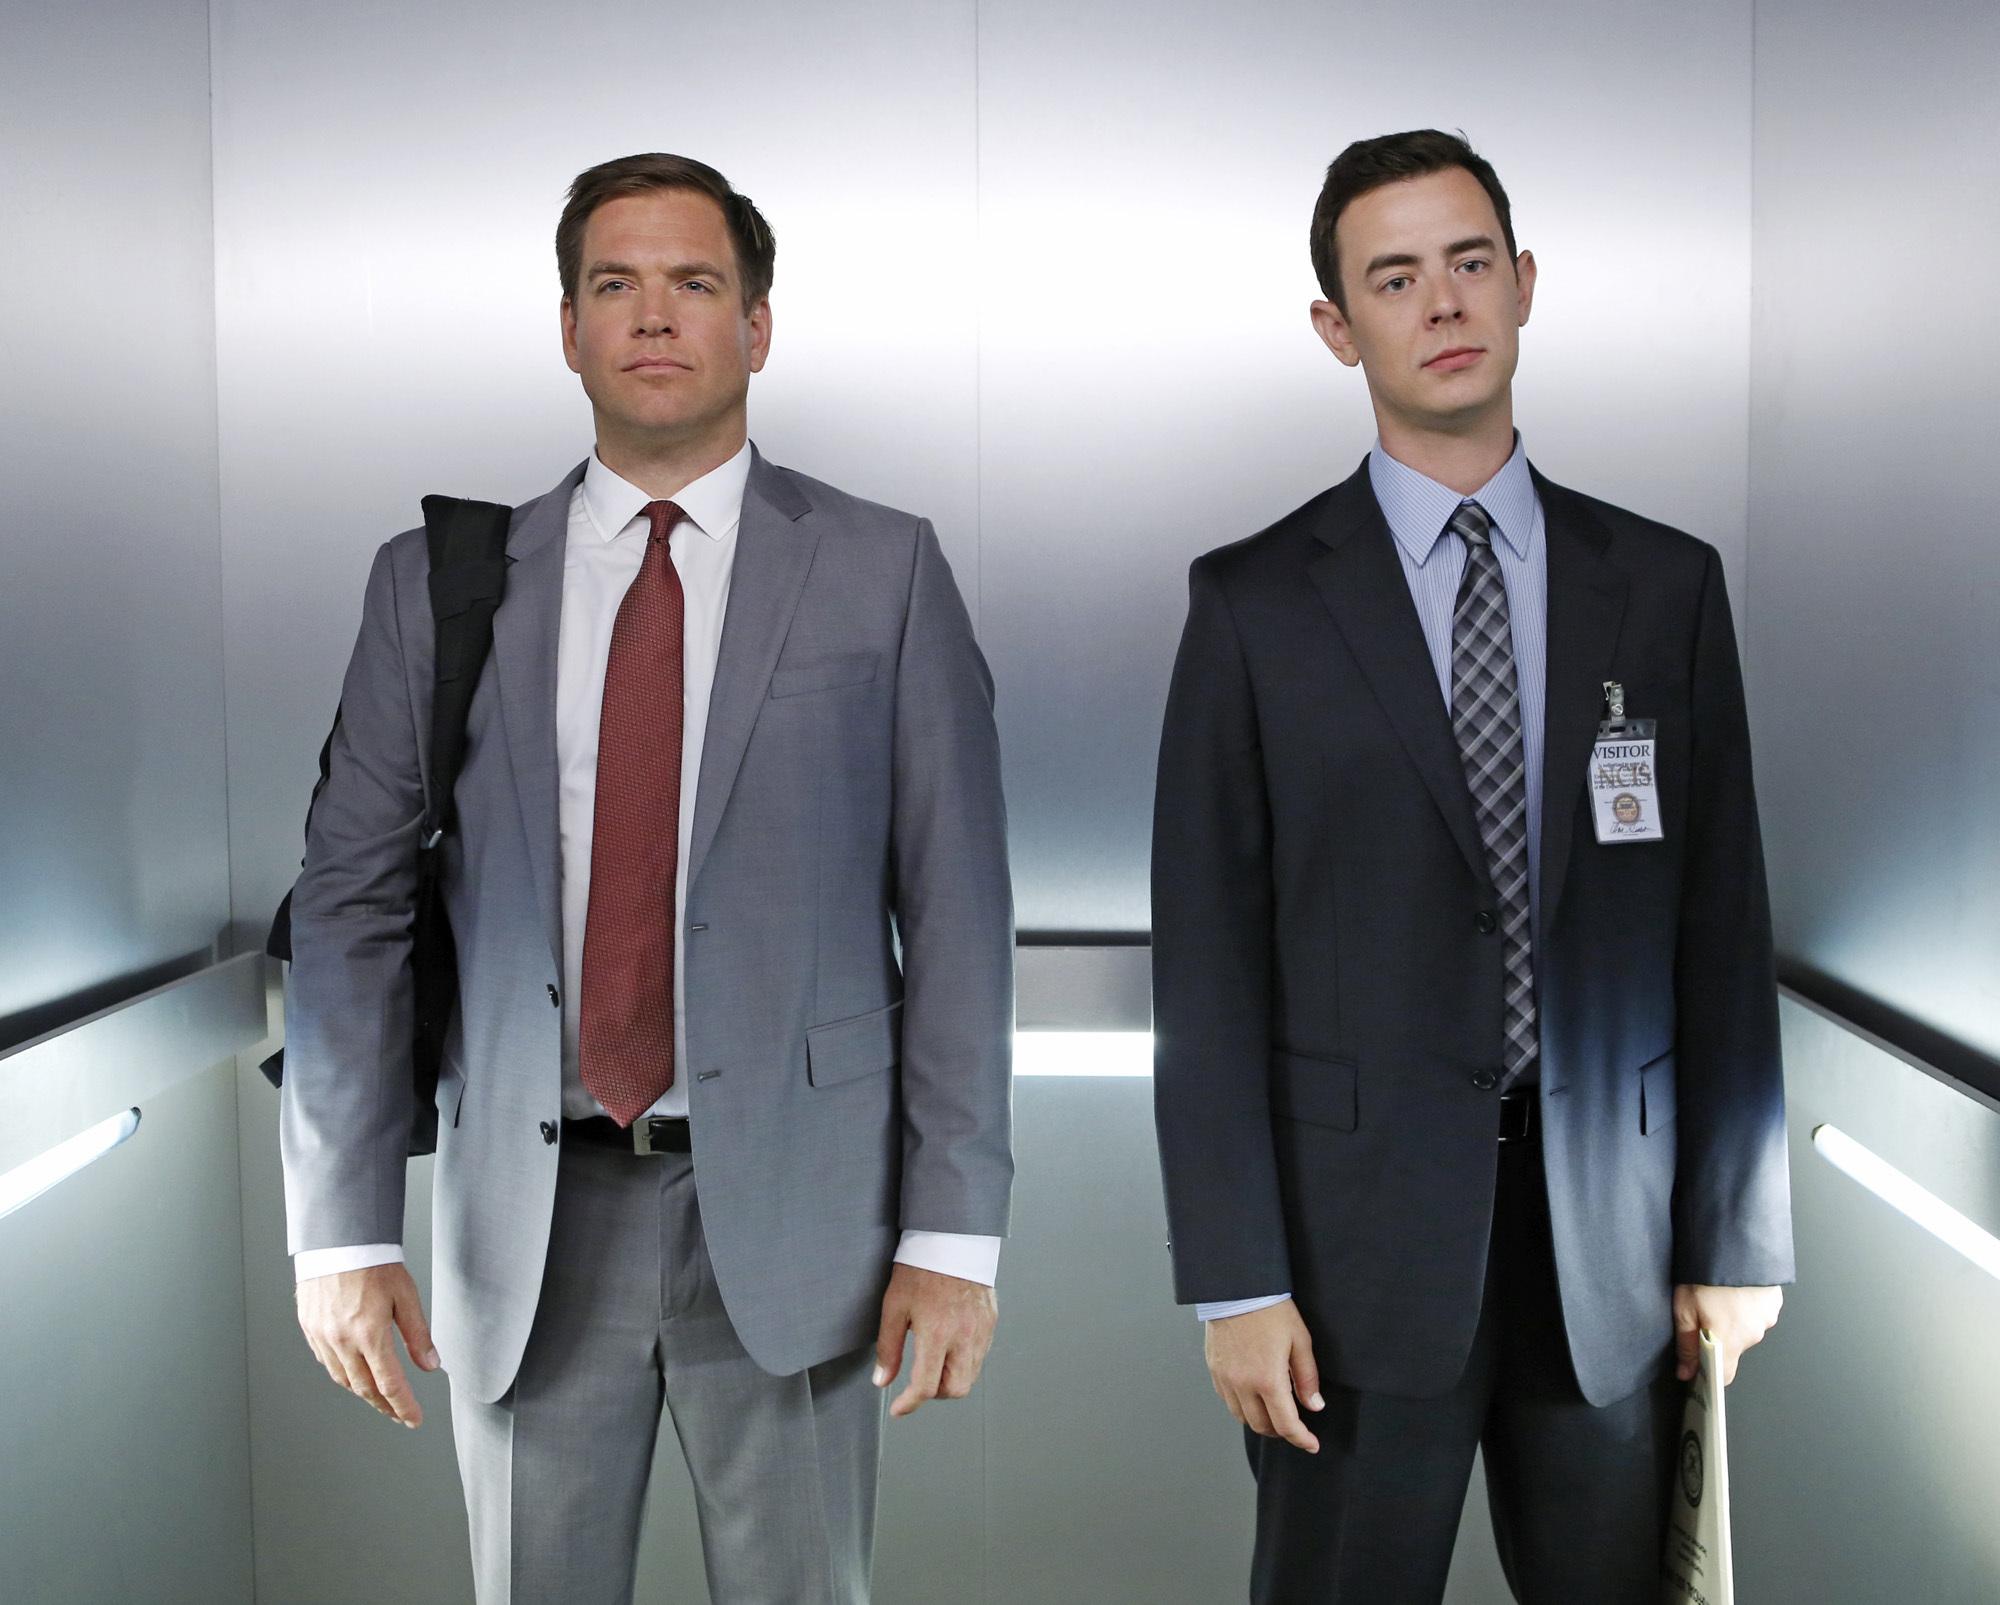 NCIS – Da oggi arriva un canale interamente dedicato alla serie su FOXCRIME+1